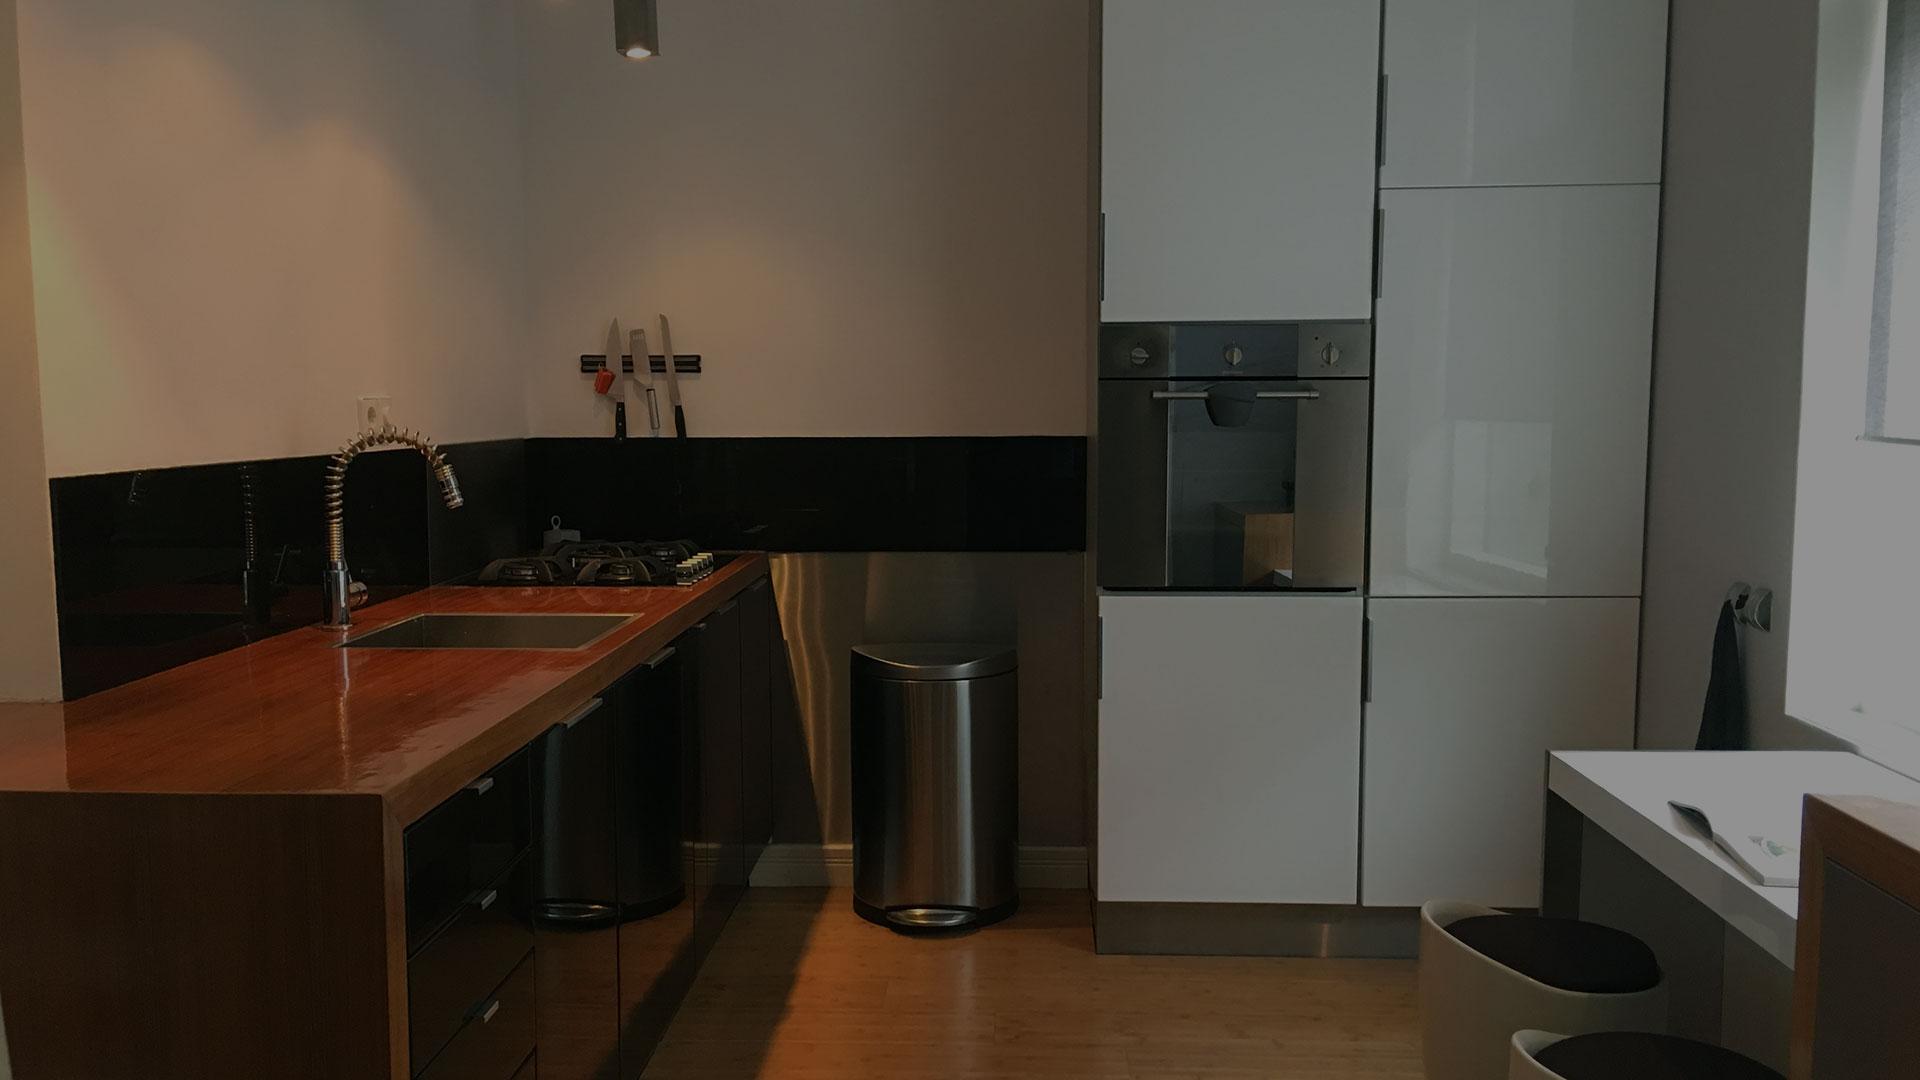 Artell Keuken